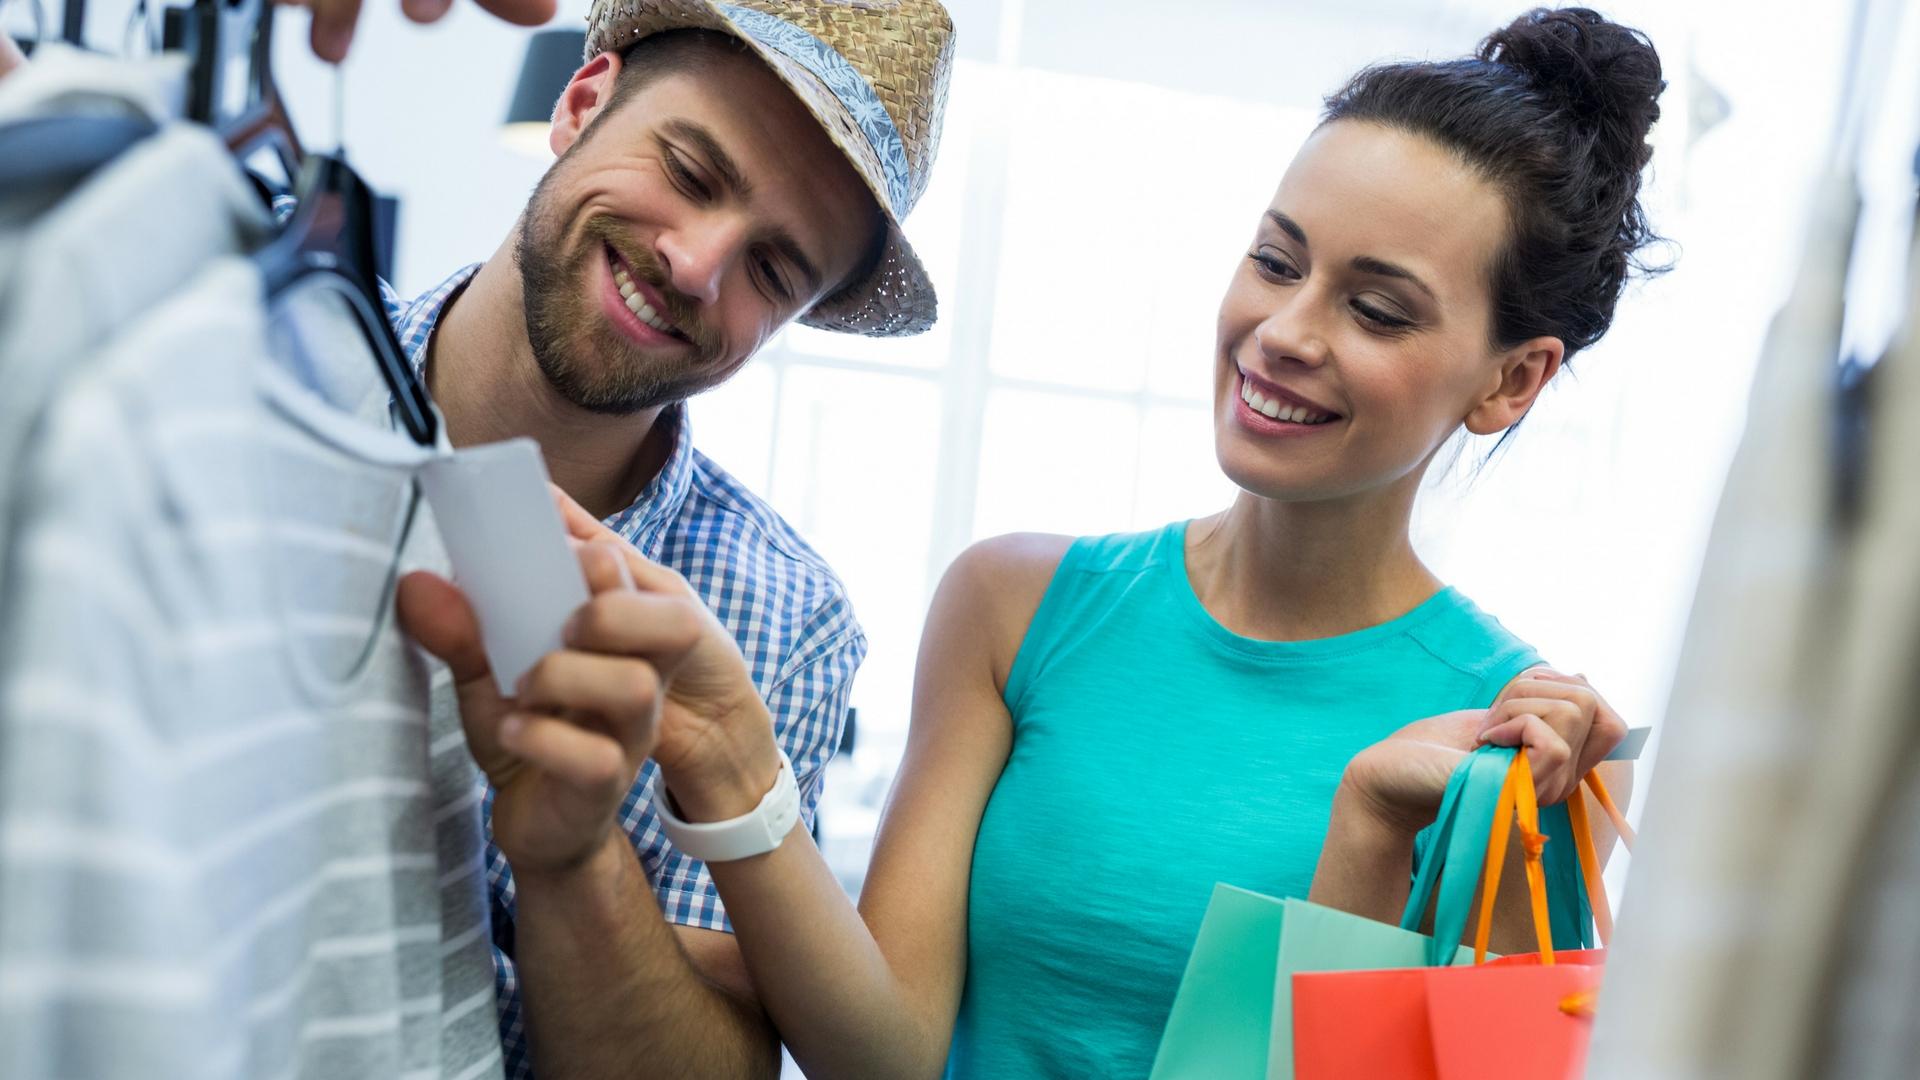 6-trik-ampuh-menghadapi-keluhan-pelanggan-tanpa-panik